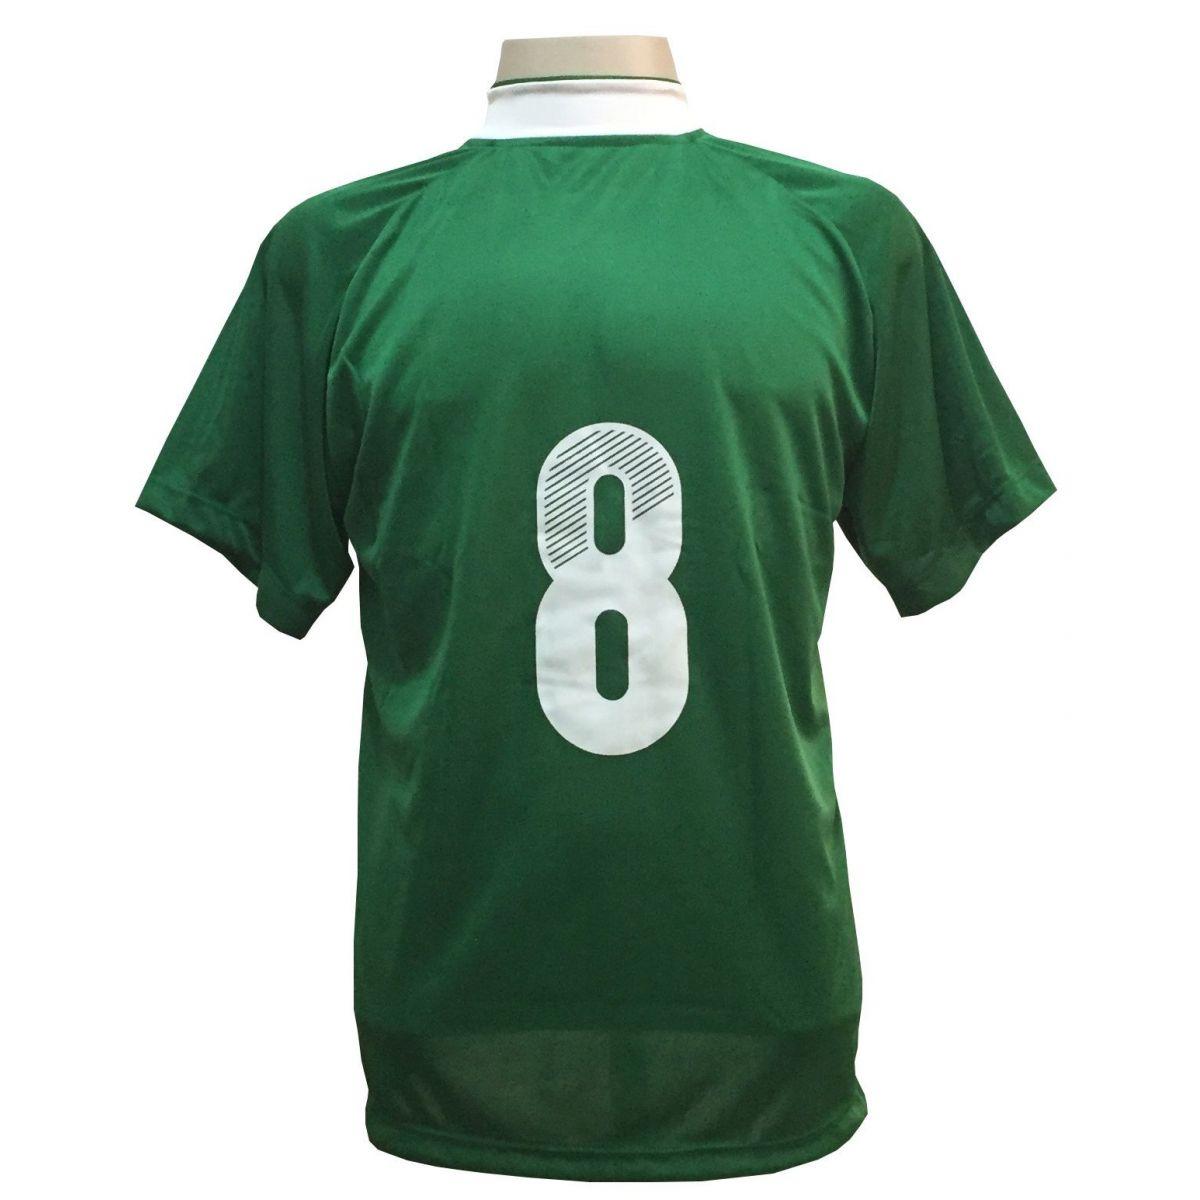 Uniforme Esportivo com 20 camisas modelo Milan Verde/Branco + 20 calções modelo Madrid Verde + 20 pares de meiões Verde